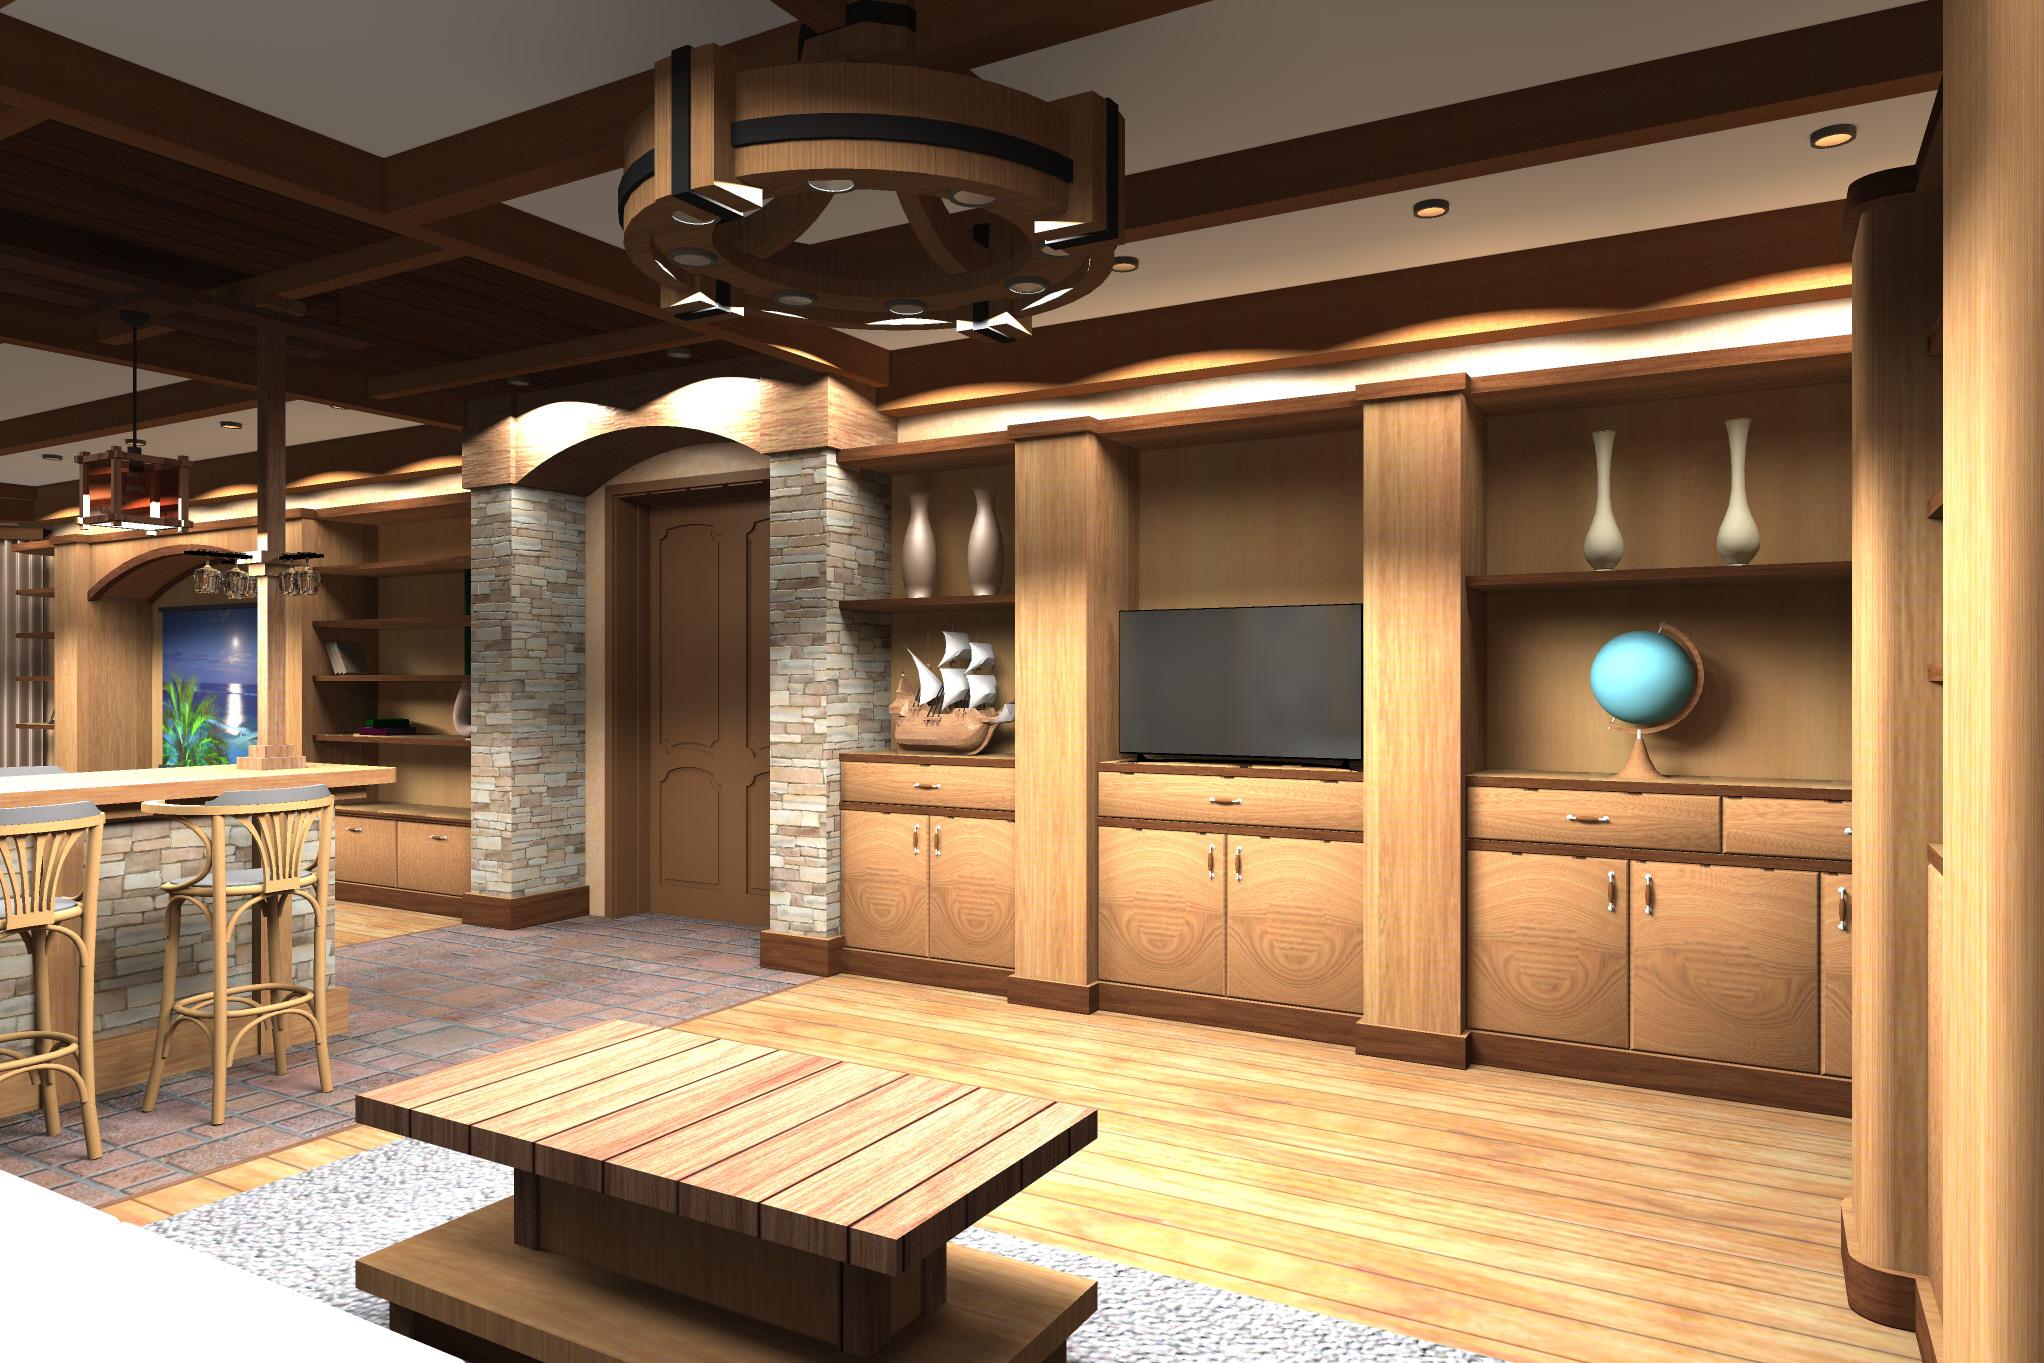 Дизайн комнаты отдыха в цокольном этаже - 3